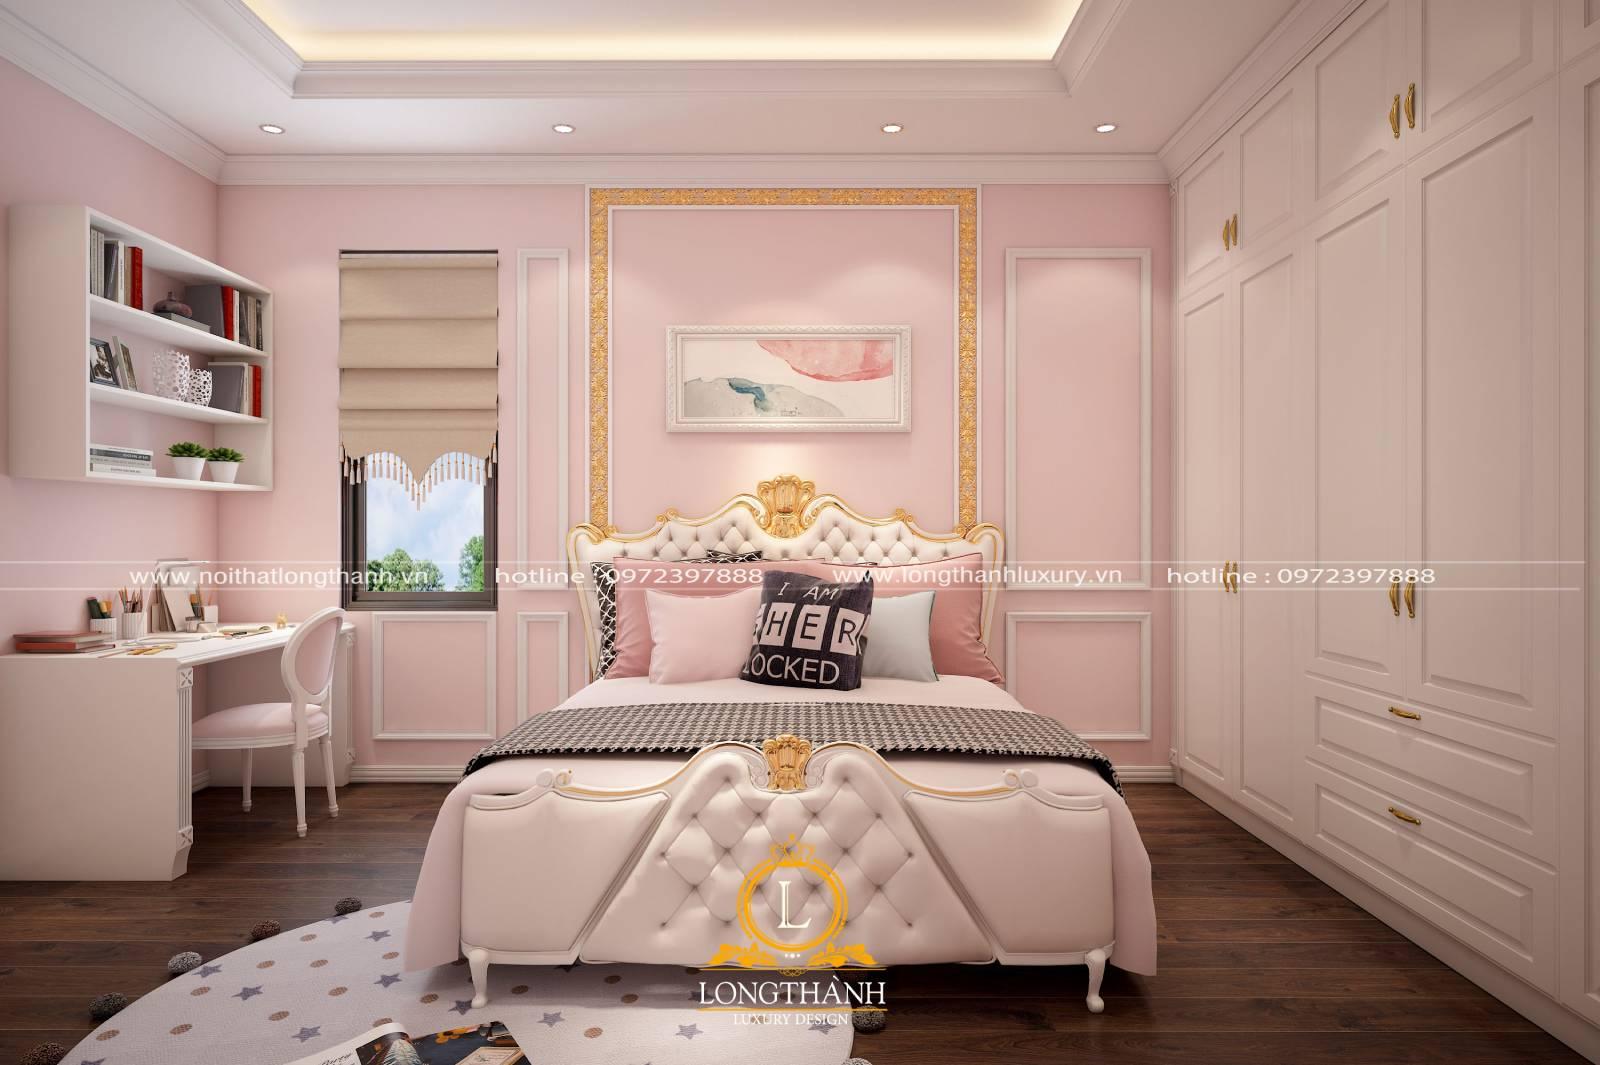 Chiều cao giường ngủ theo tiêu chuẩn của thước Lỗ Ban